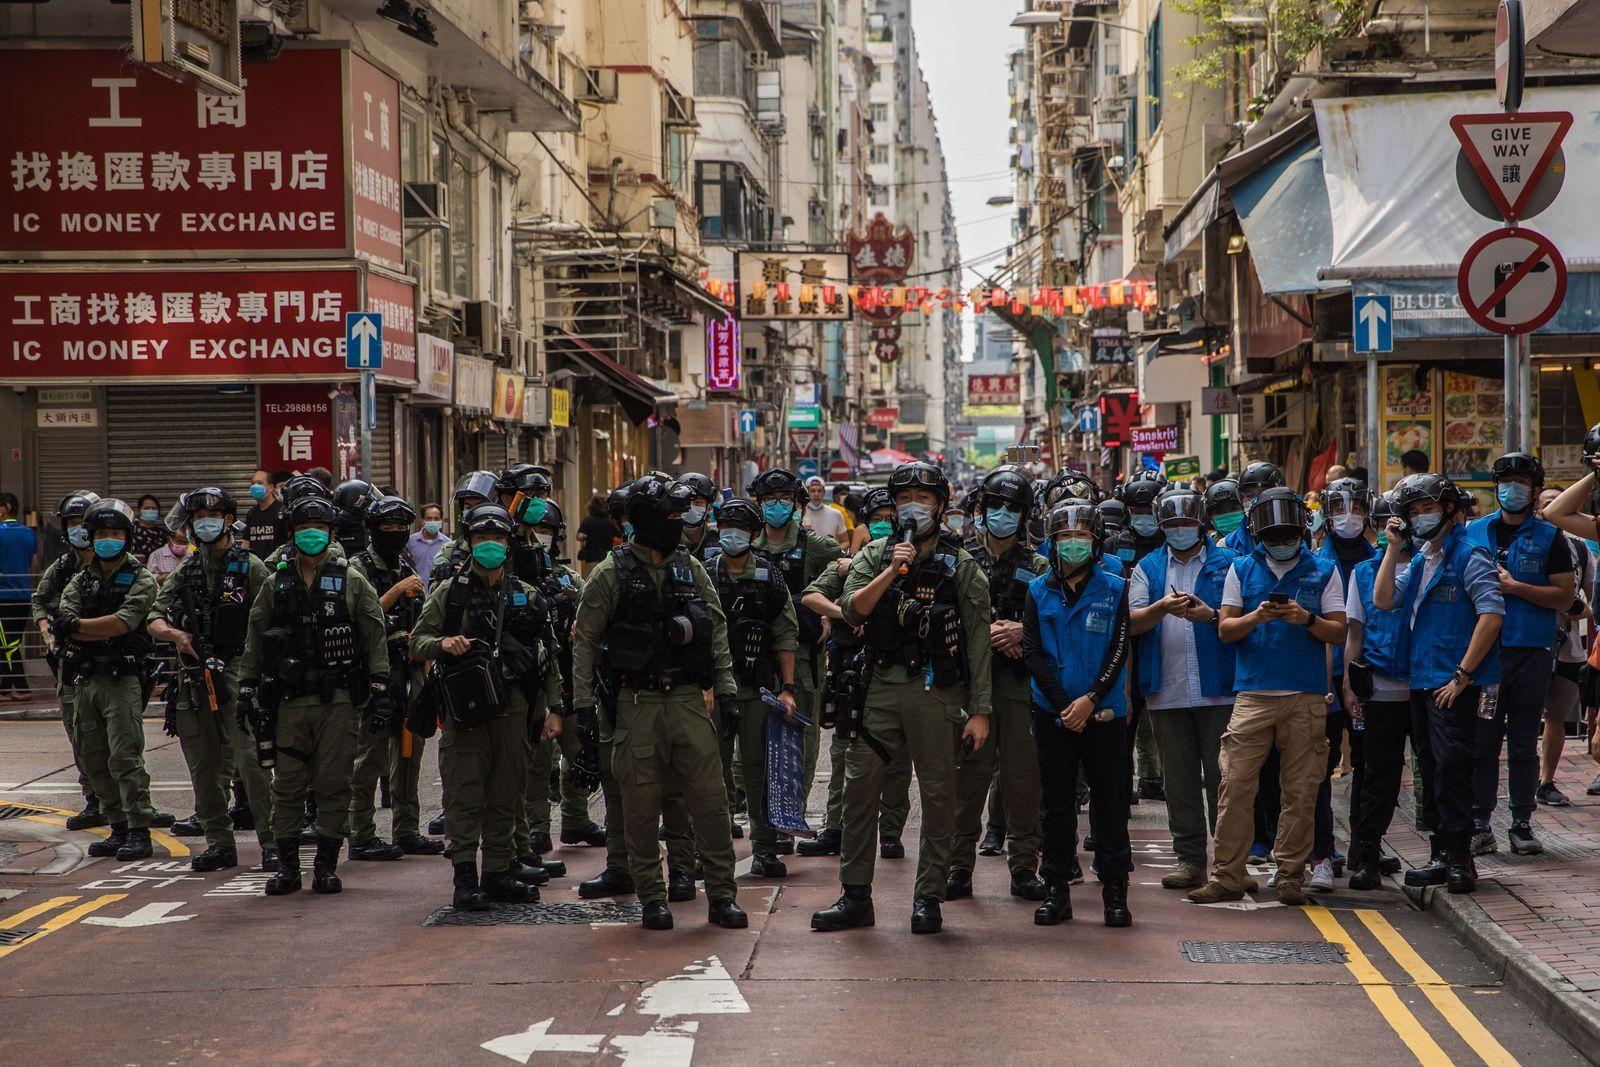 ตำรวจฮ่องกง การประท้วงฮ่องกง.jpg